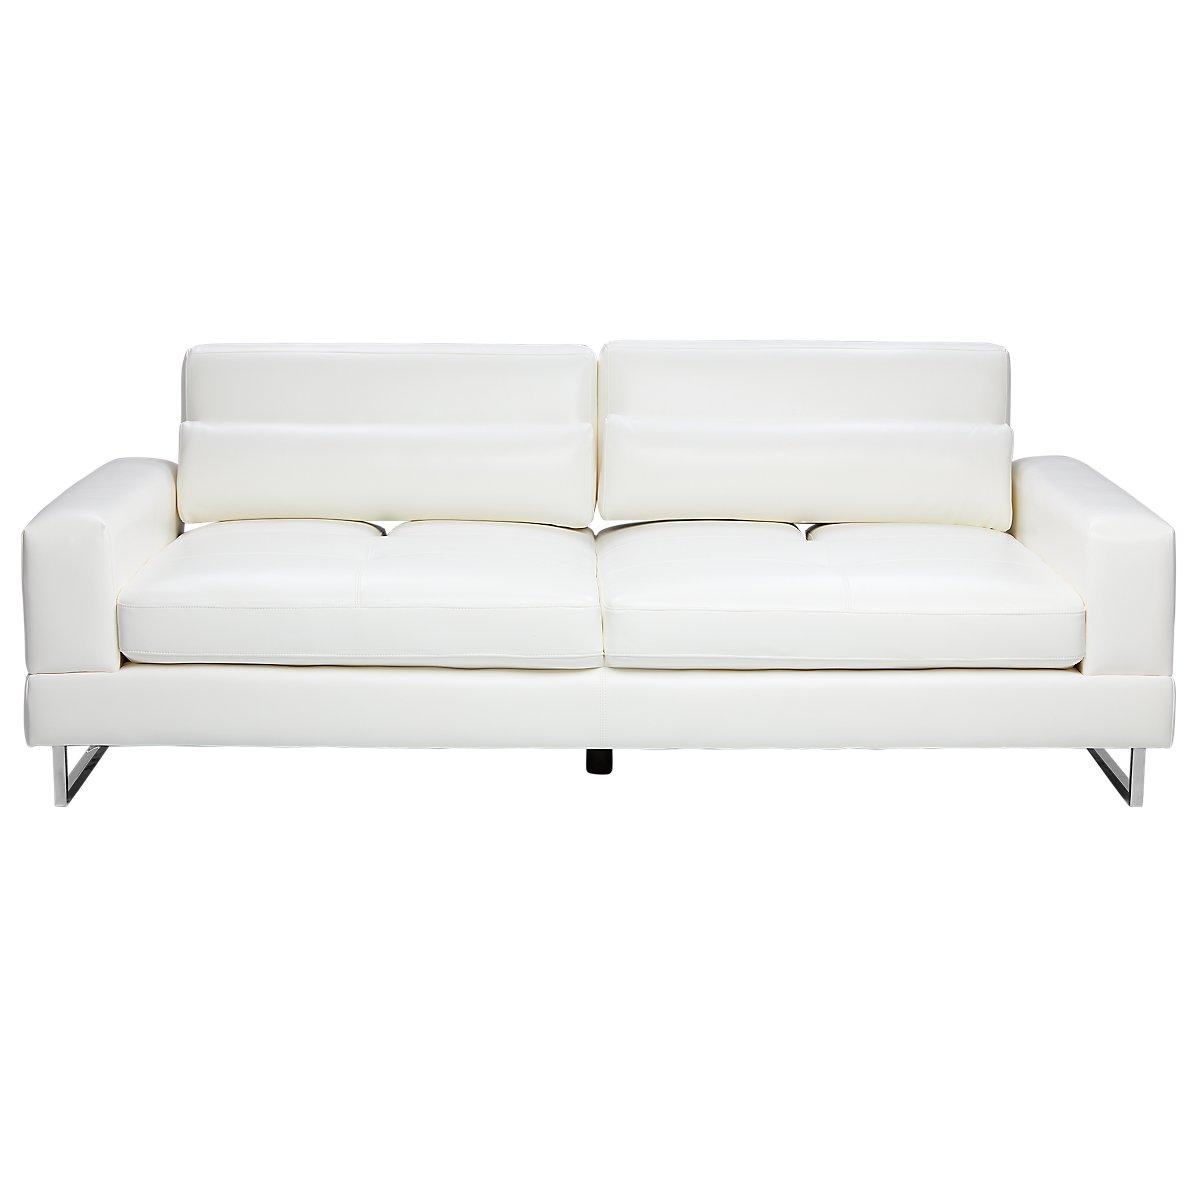 White Microfiber Sofa Find More Off White Microfiber Sofa